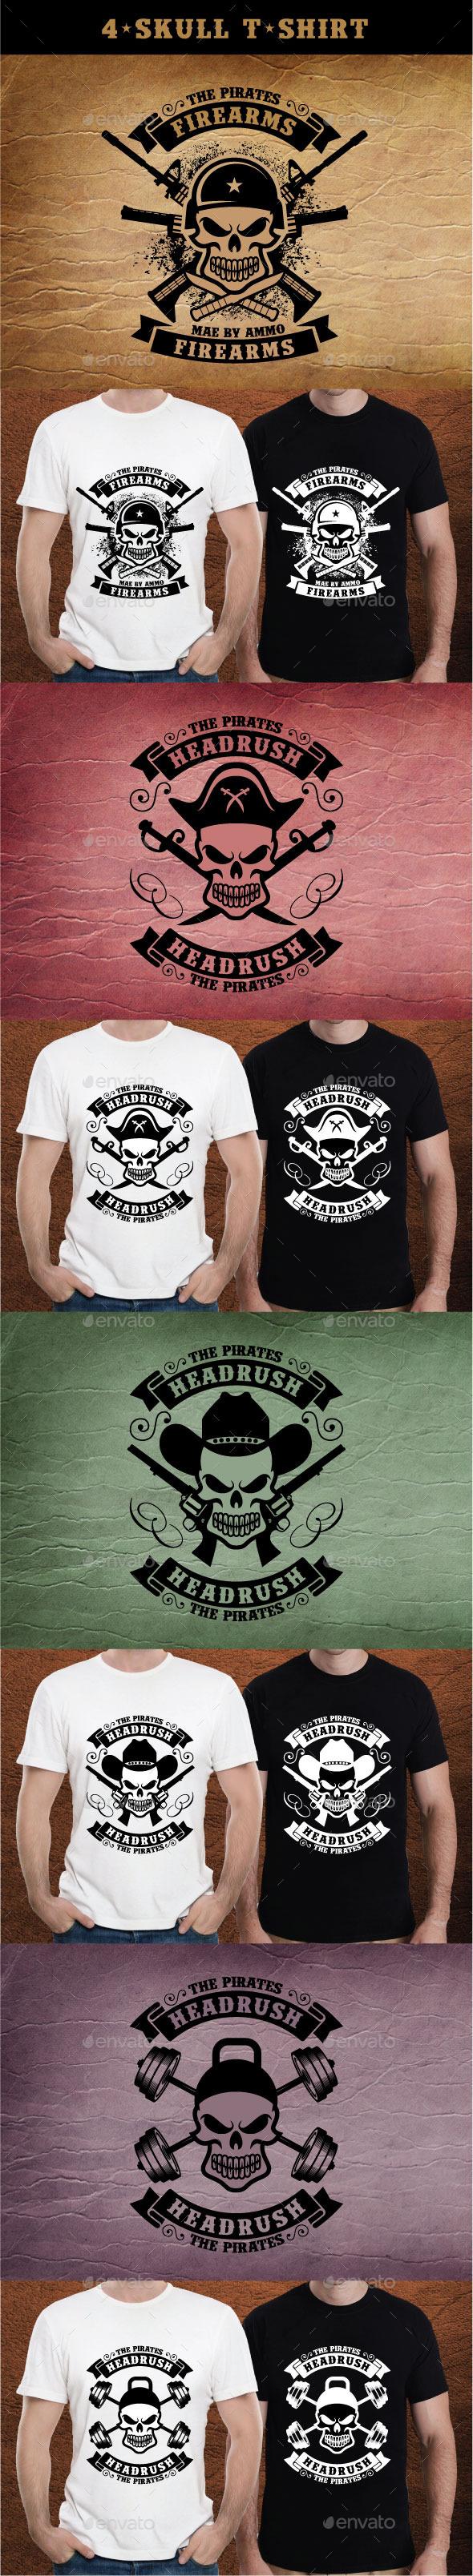 4-Skull T-Shirt